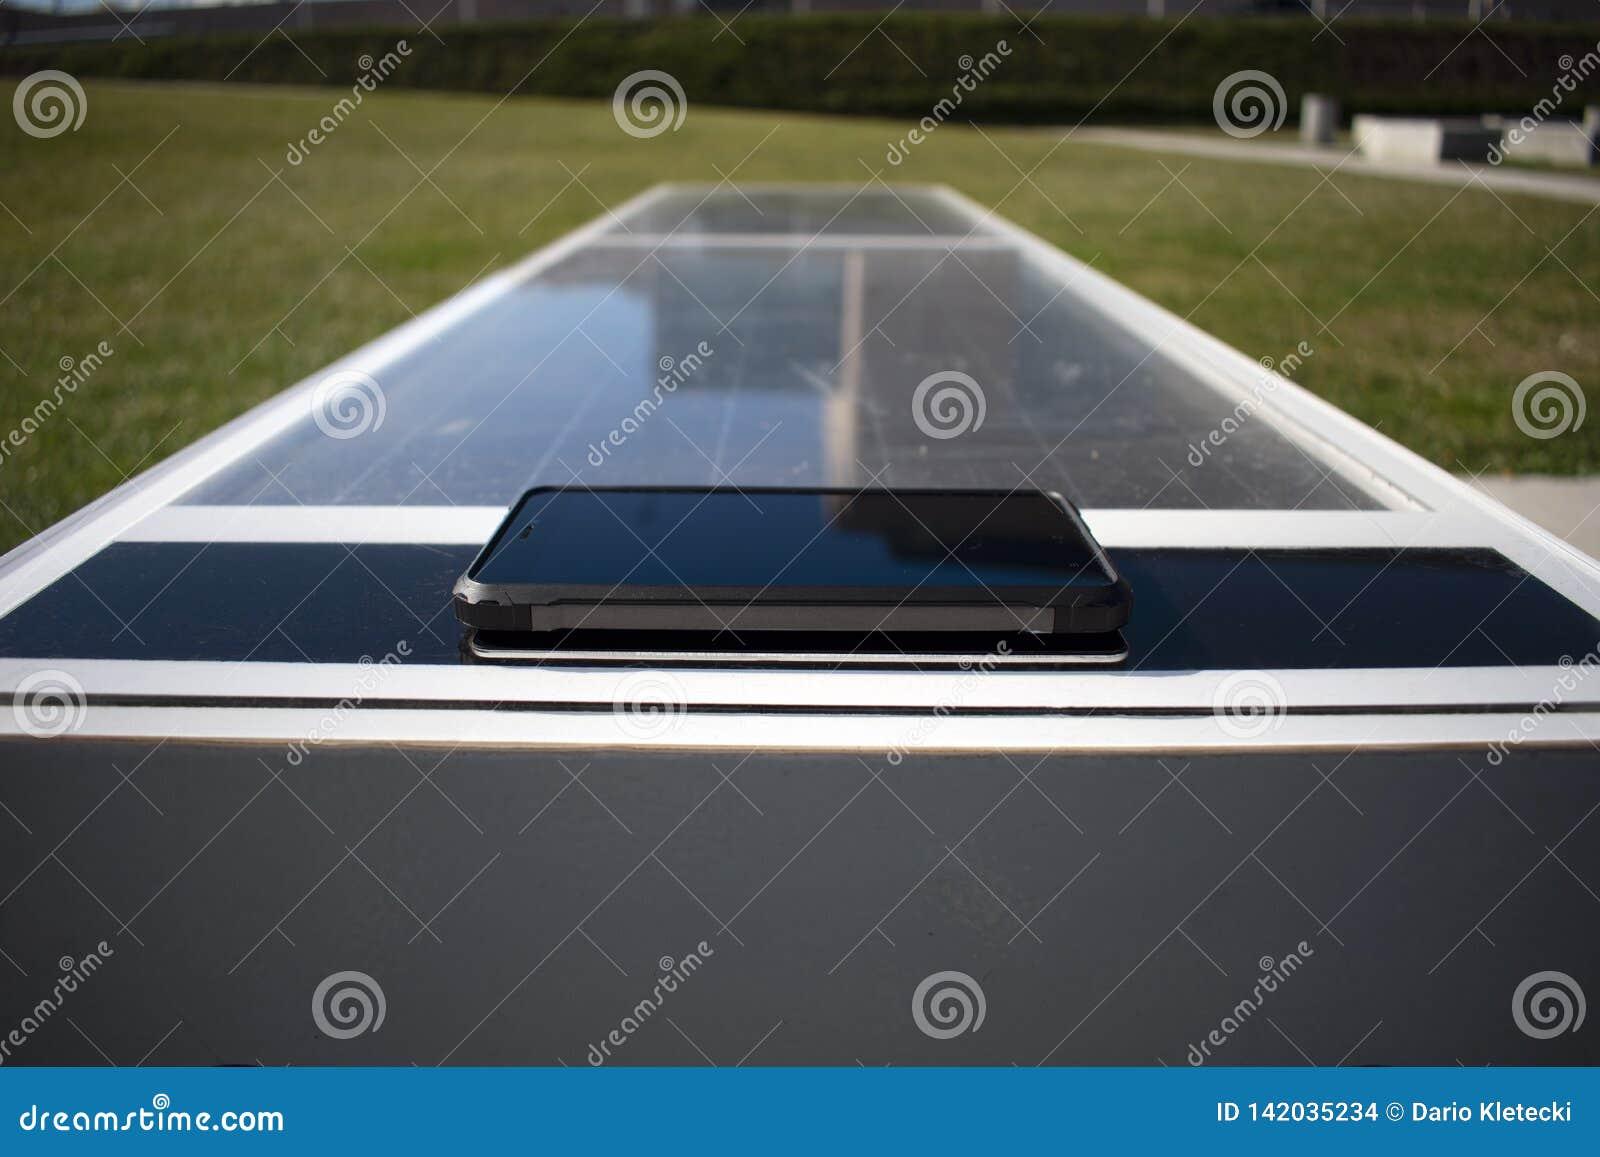 Mobiele telefoon die ver op een zonnebank laden